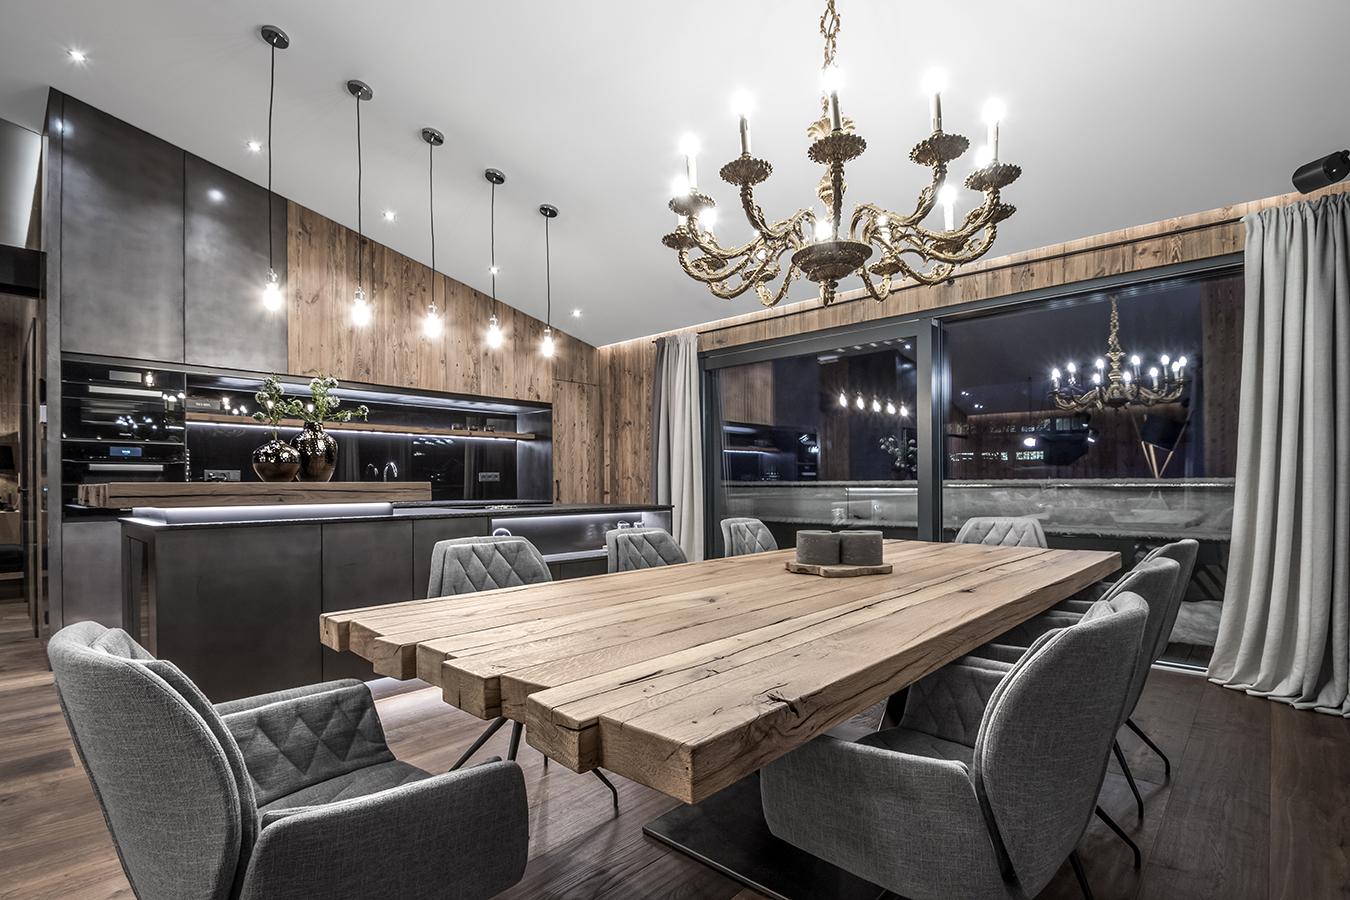 imagency luxus kreatív ügynökség építészet interieur exterieur hotel Real Estate ingatlan fotó Magyarország Balaton Budapest - Der Tischler